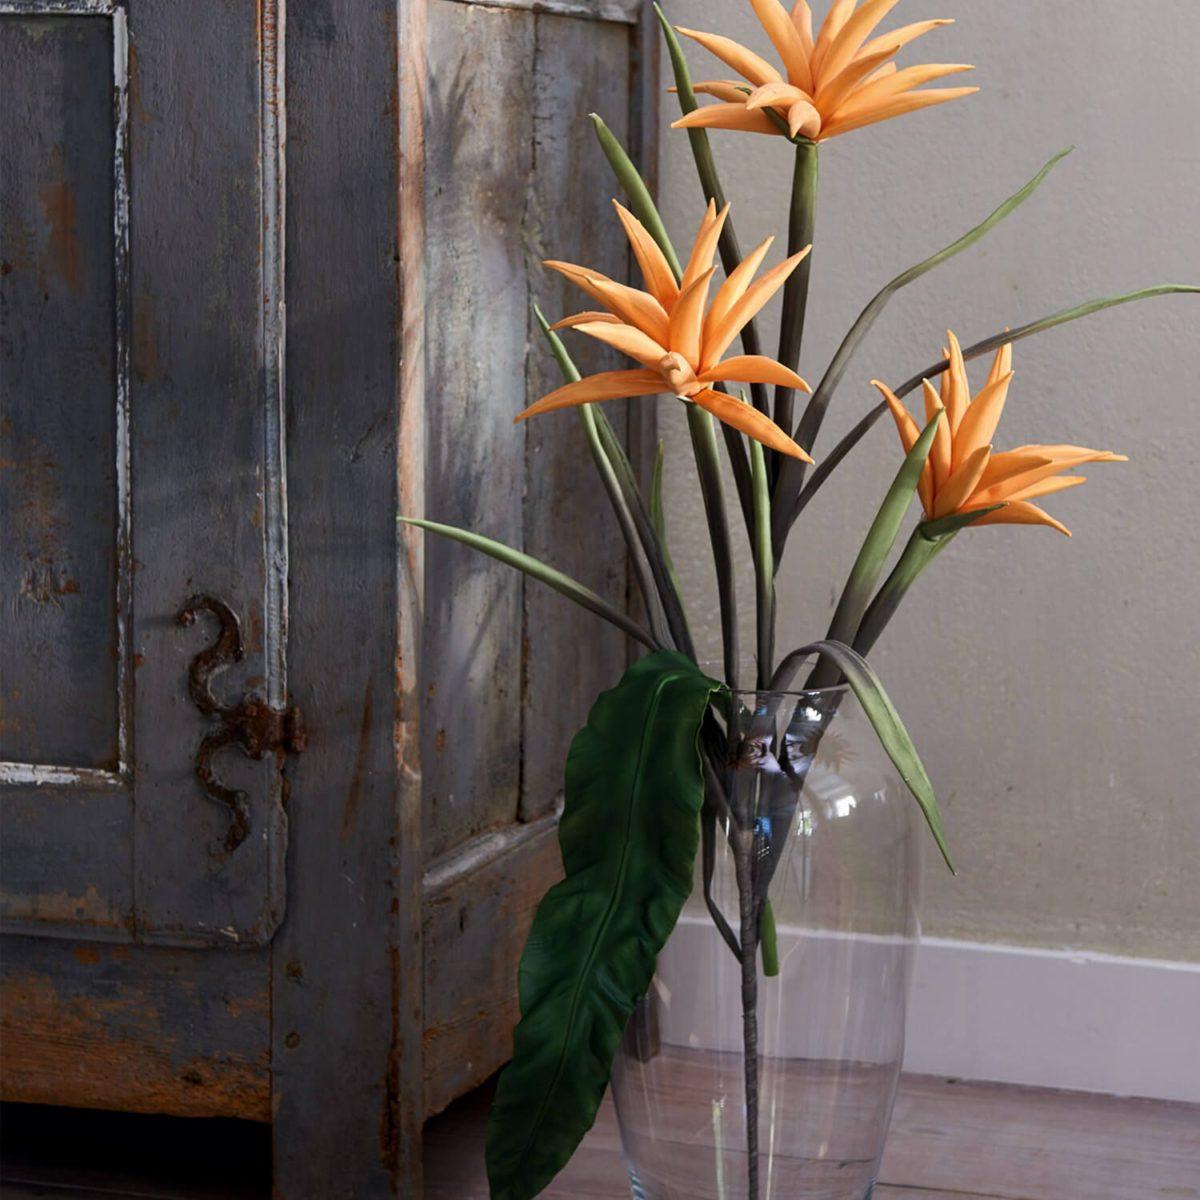 038518 1 k 1 1200x1200 - Floare decorativă Cotton orange 105 cm (L038518)